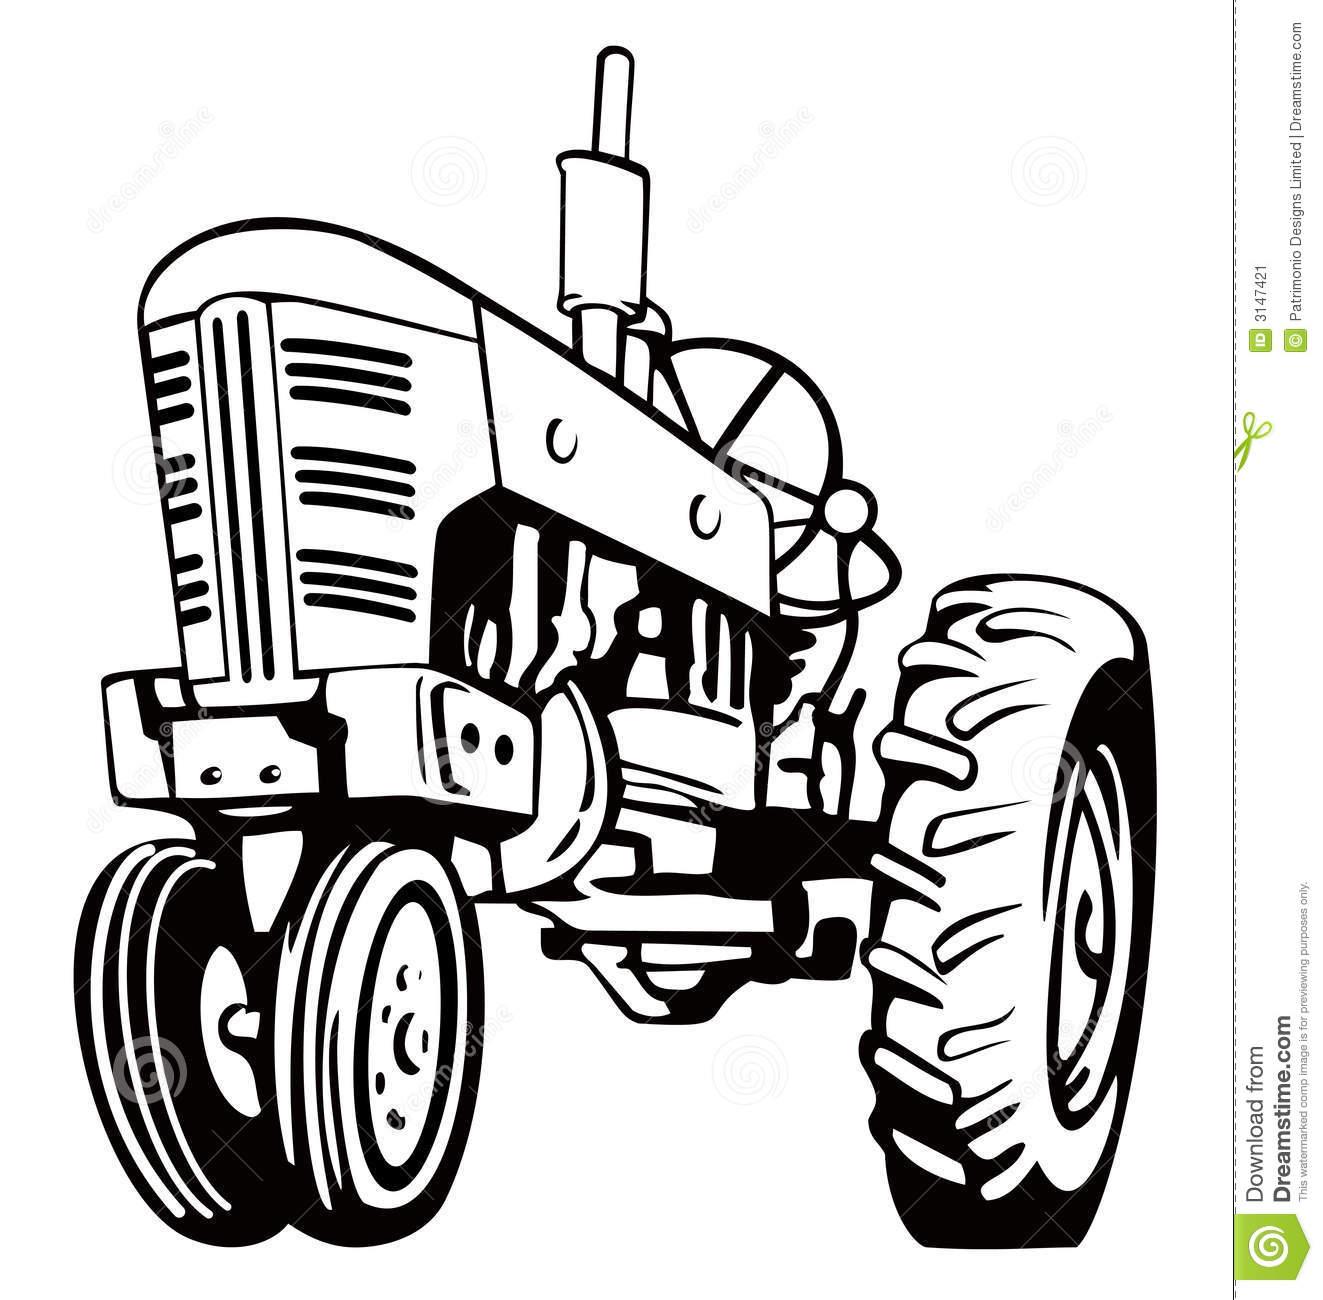 John Deere Tractor Silhouette At Getdrawings